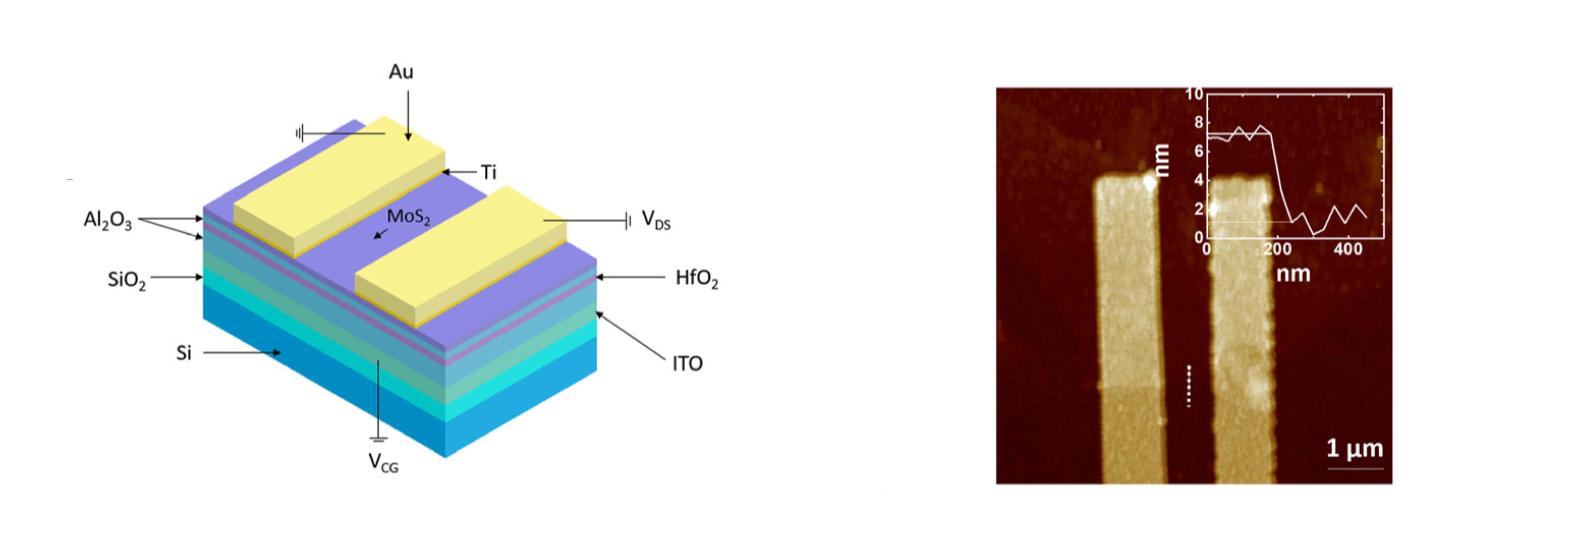 复旦大学设计出新型态光敏感性半导体内存